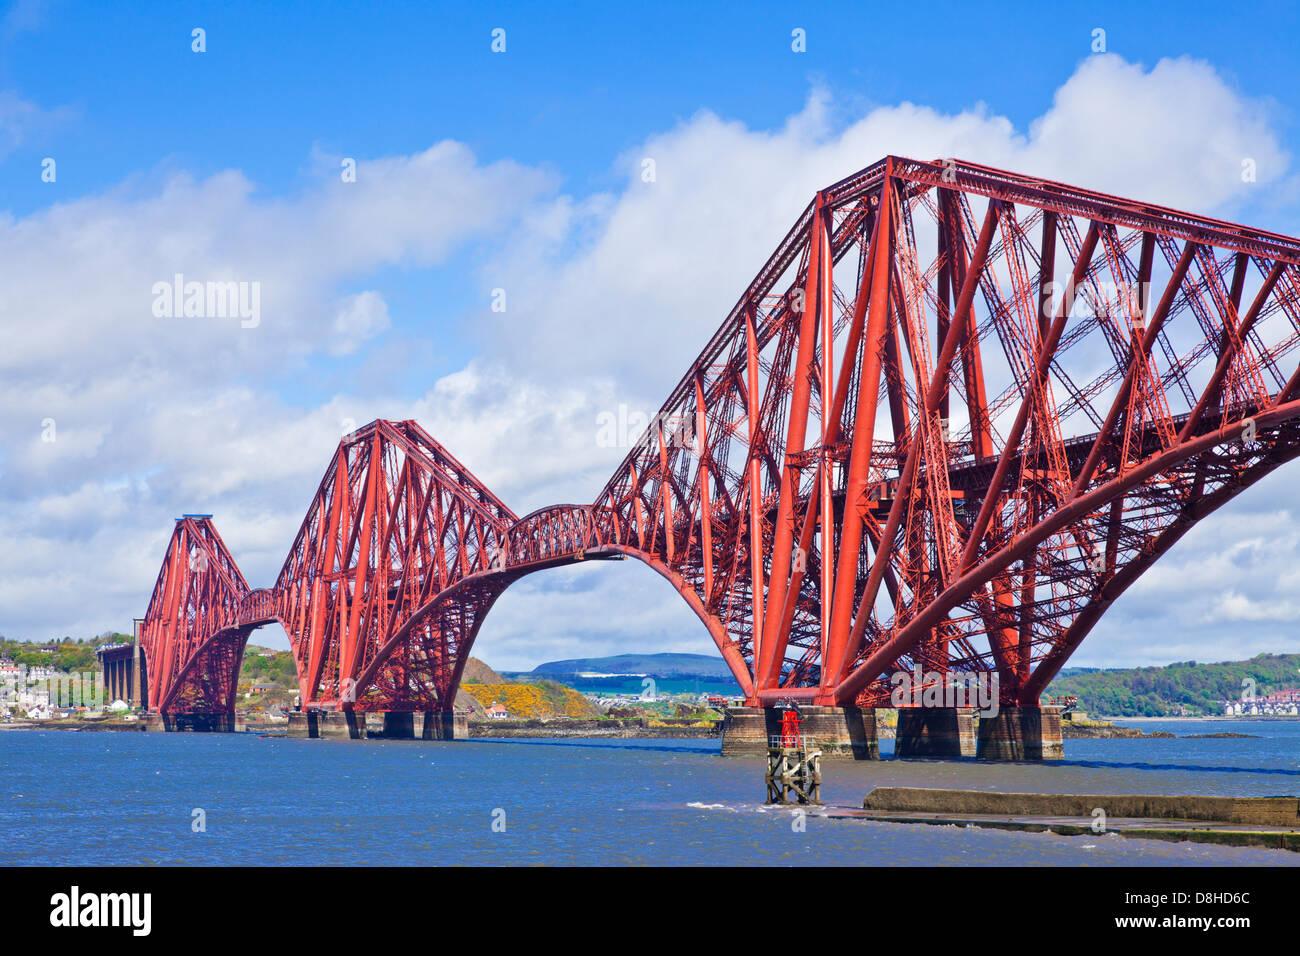 Le Forth Rail Bridge à South Queensferry près d'Edimbourg Ecosse Lothian UK GB EU Europe Photo Stock